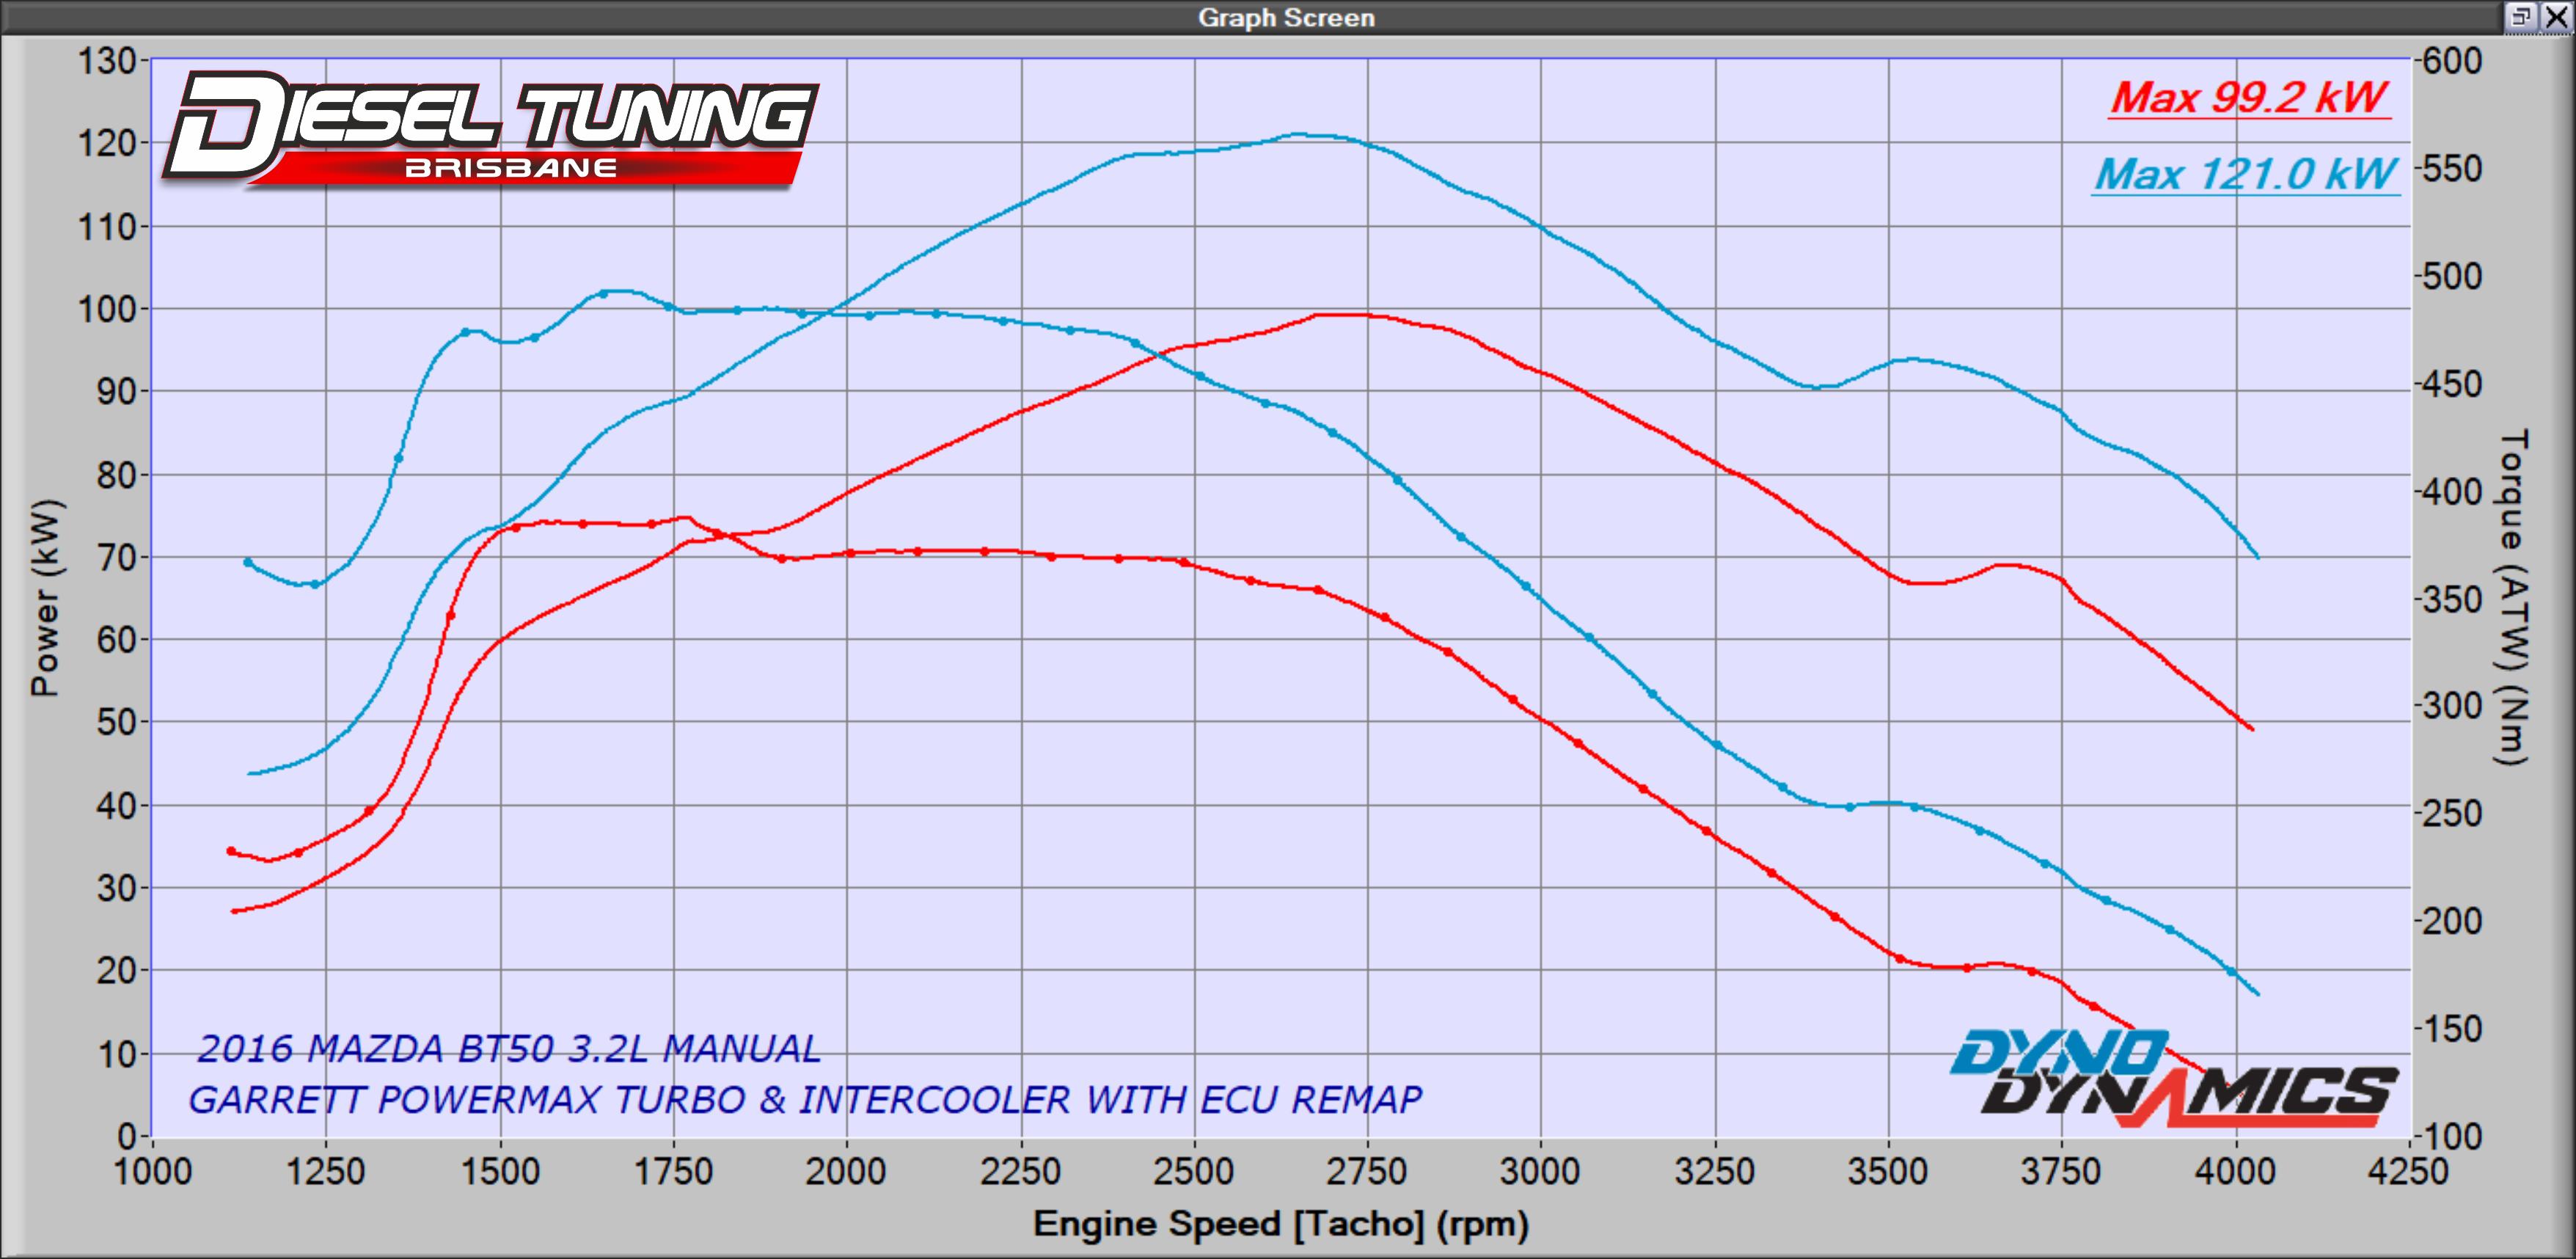 Mazda BT50 3.2L ECU Remap Diesel Tuning Brisbane